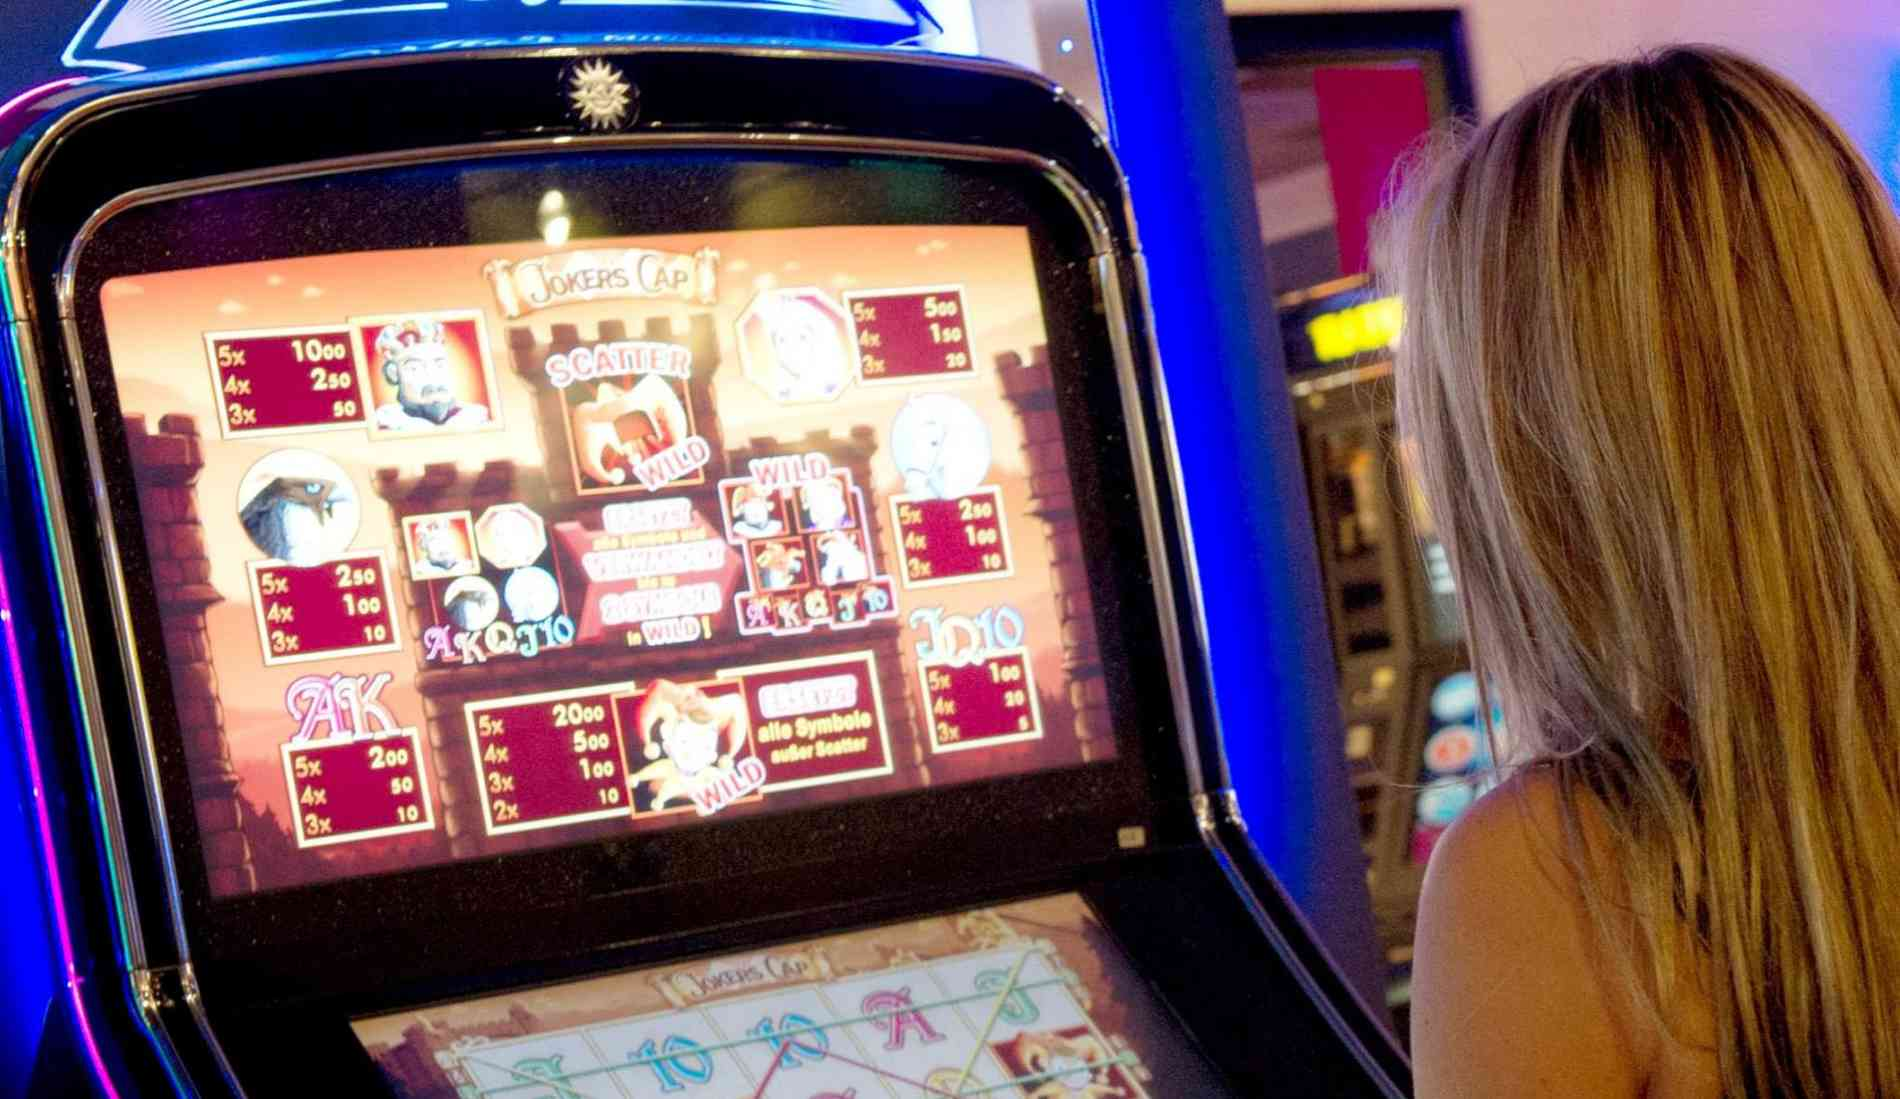 Csgo gambling sites no deposit